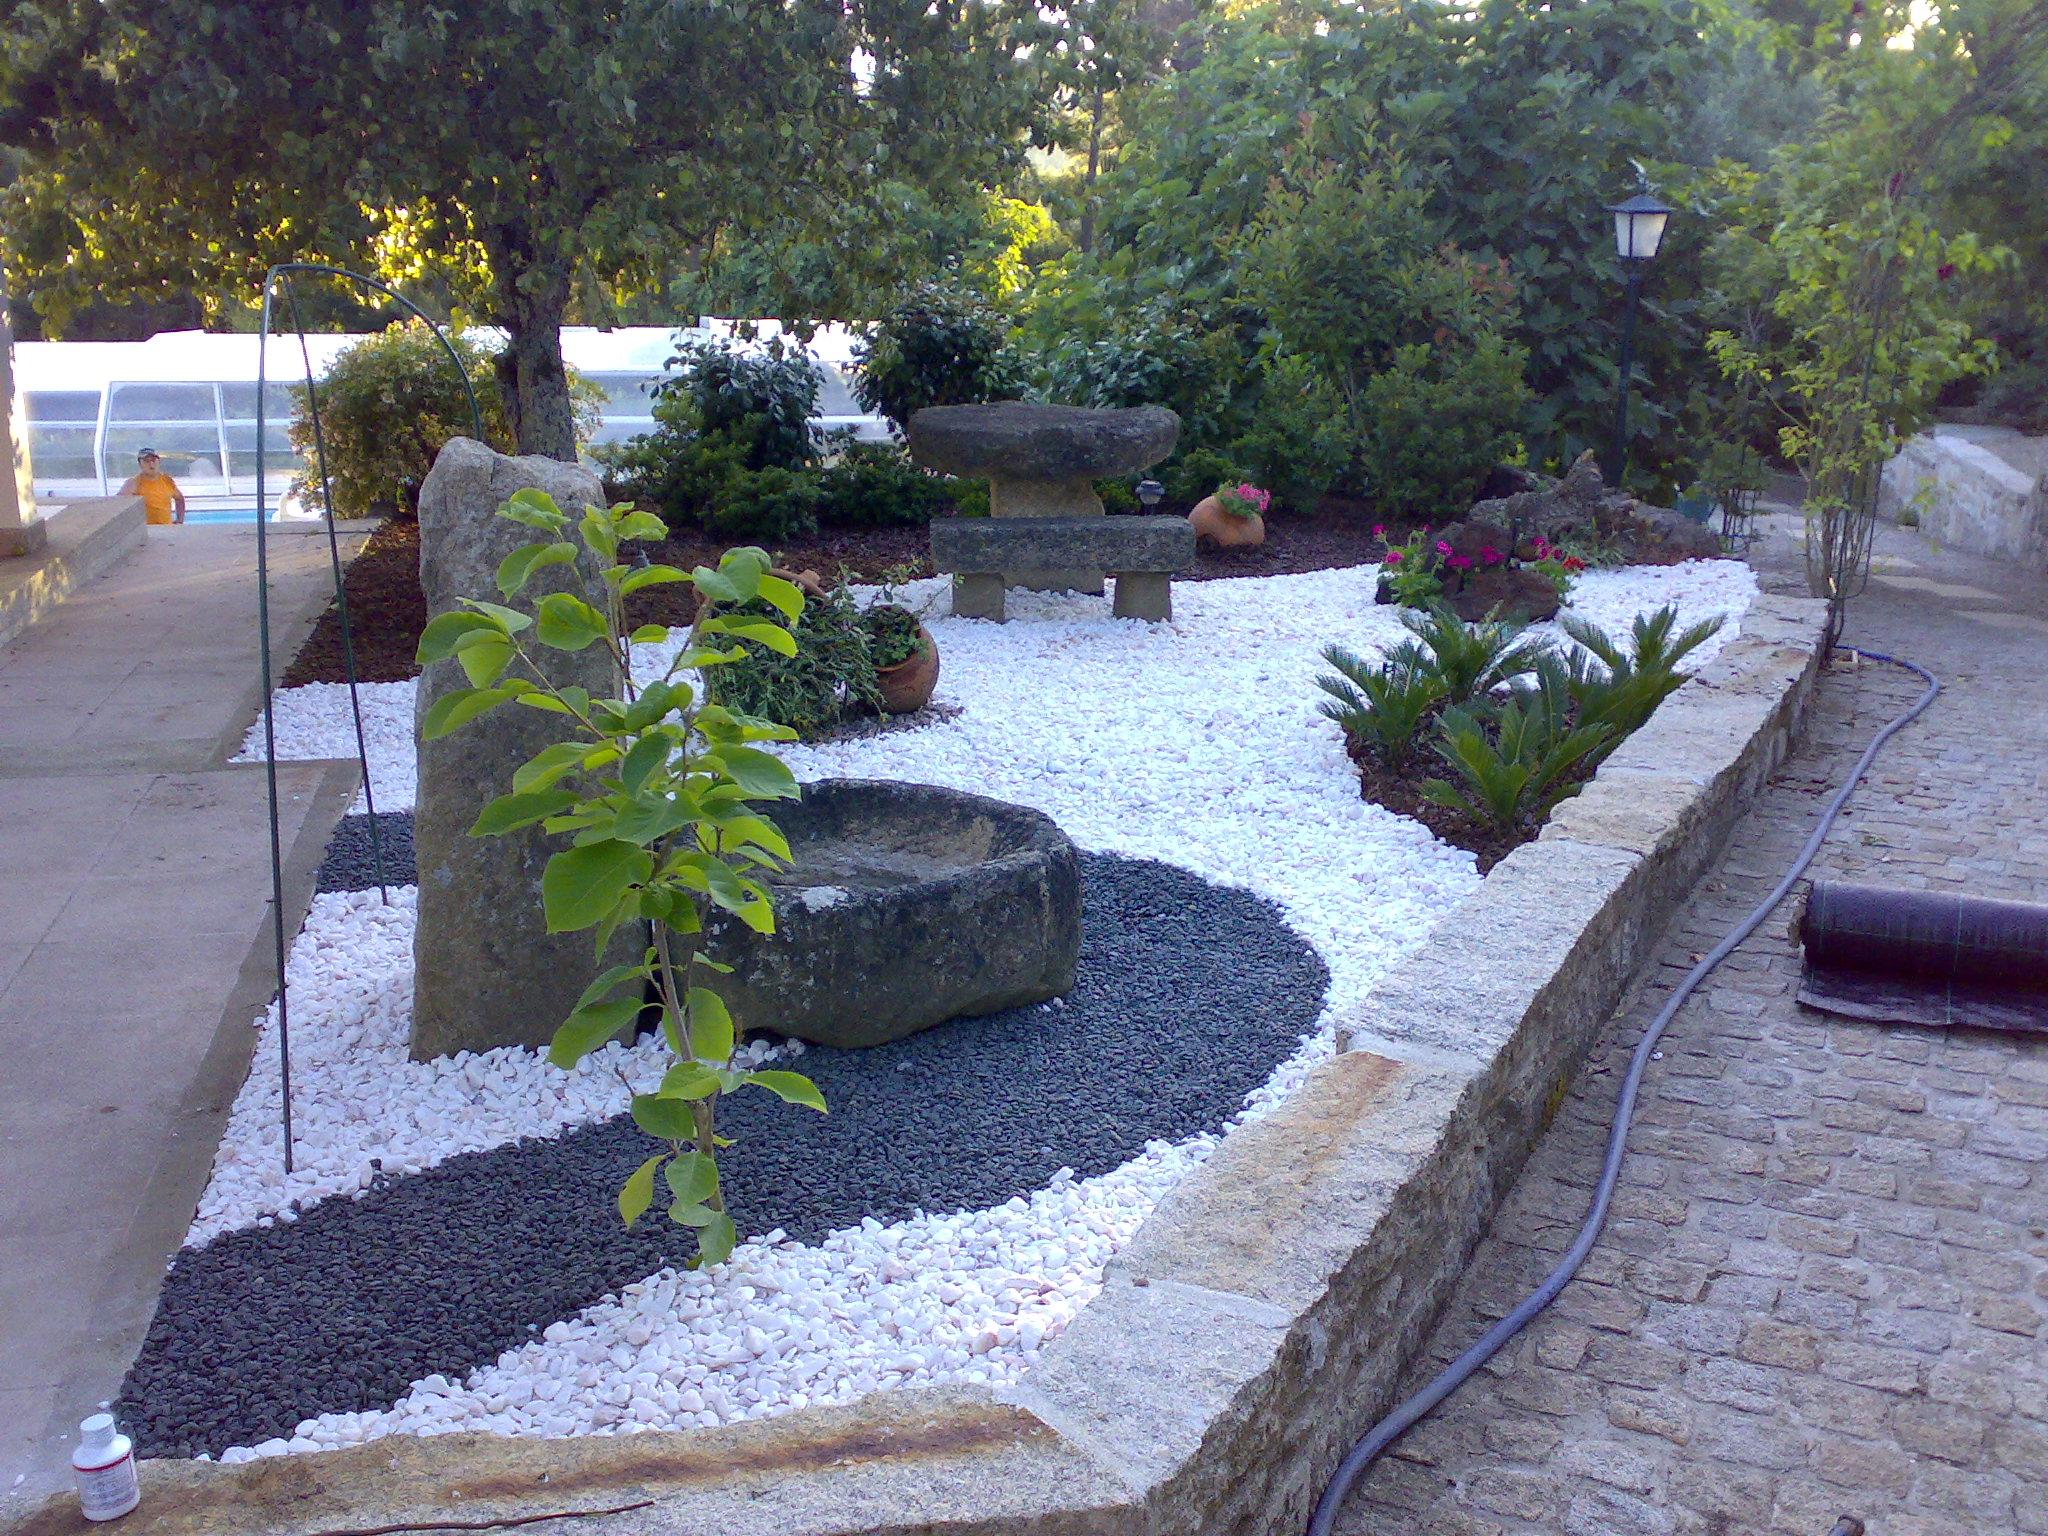 jardins pedras fotos:Fotos de pedras decorativas para jardim